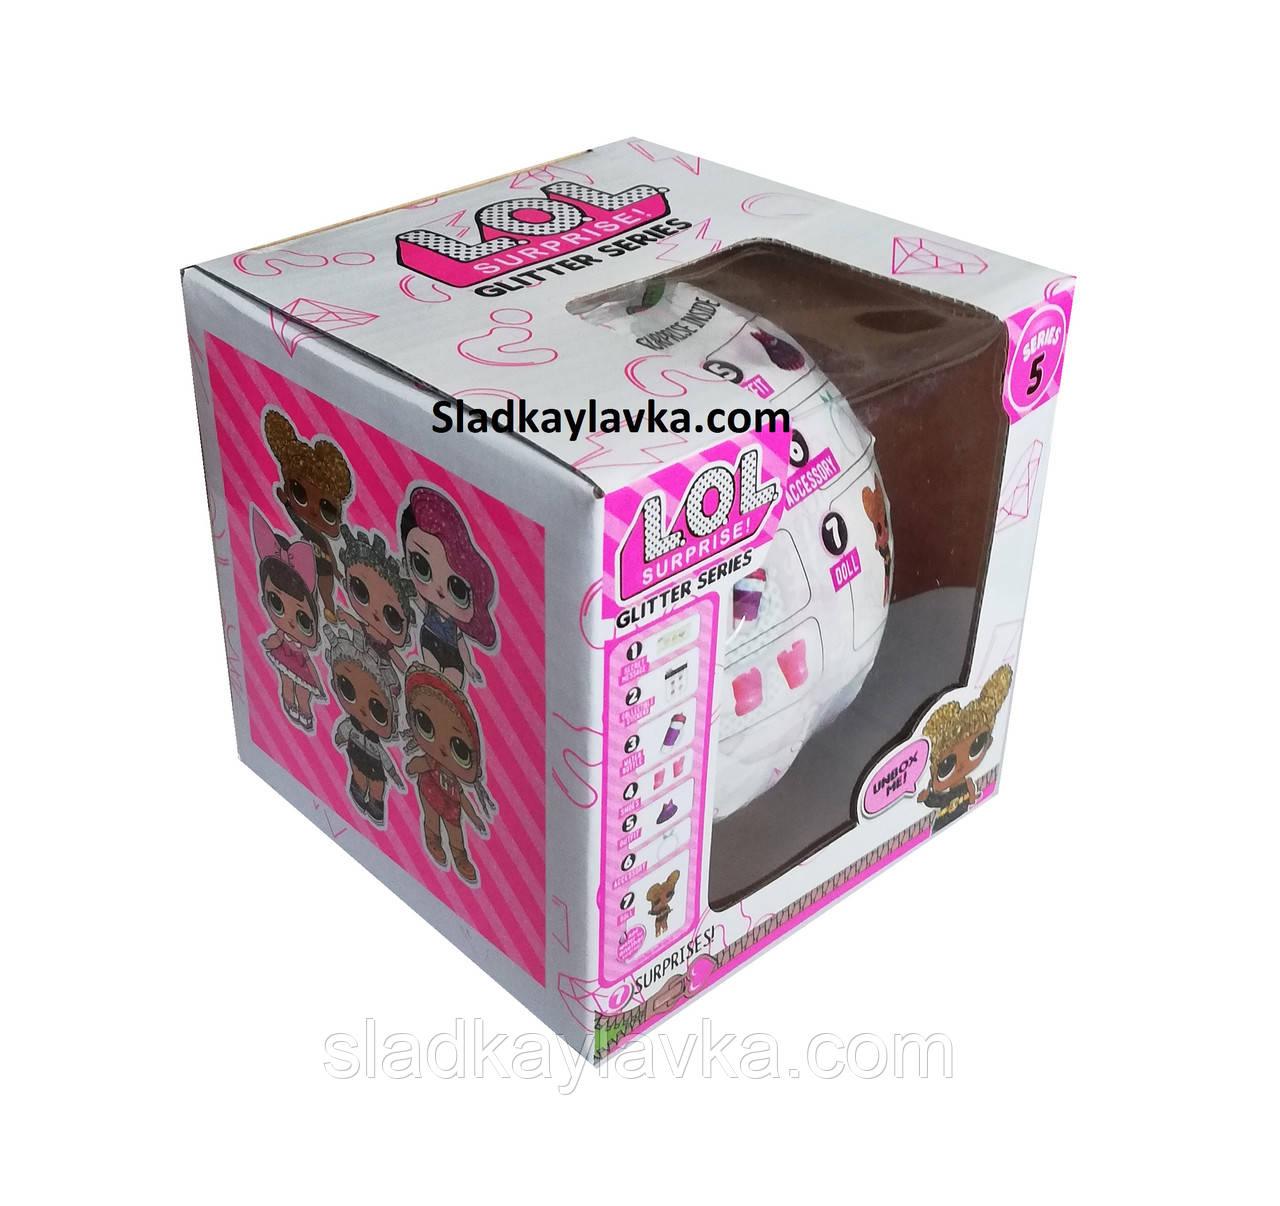 Игрушка кукла Шар LOL 1 шт (Китай)